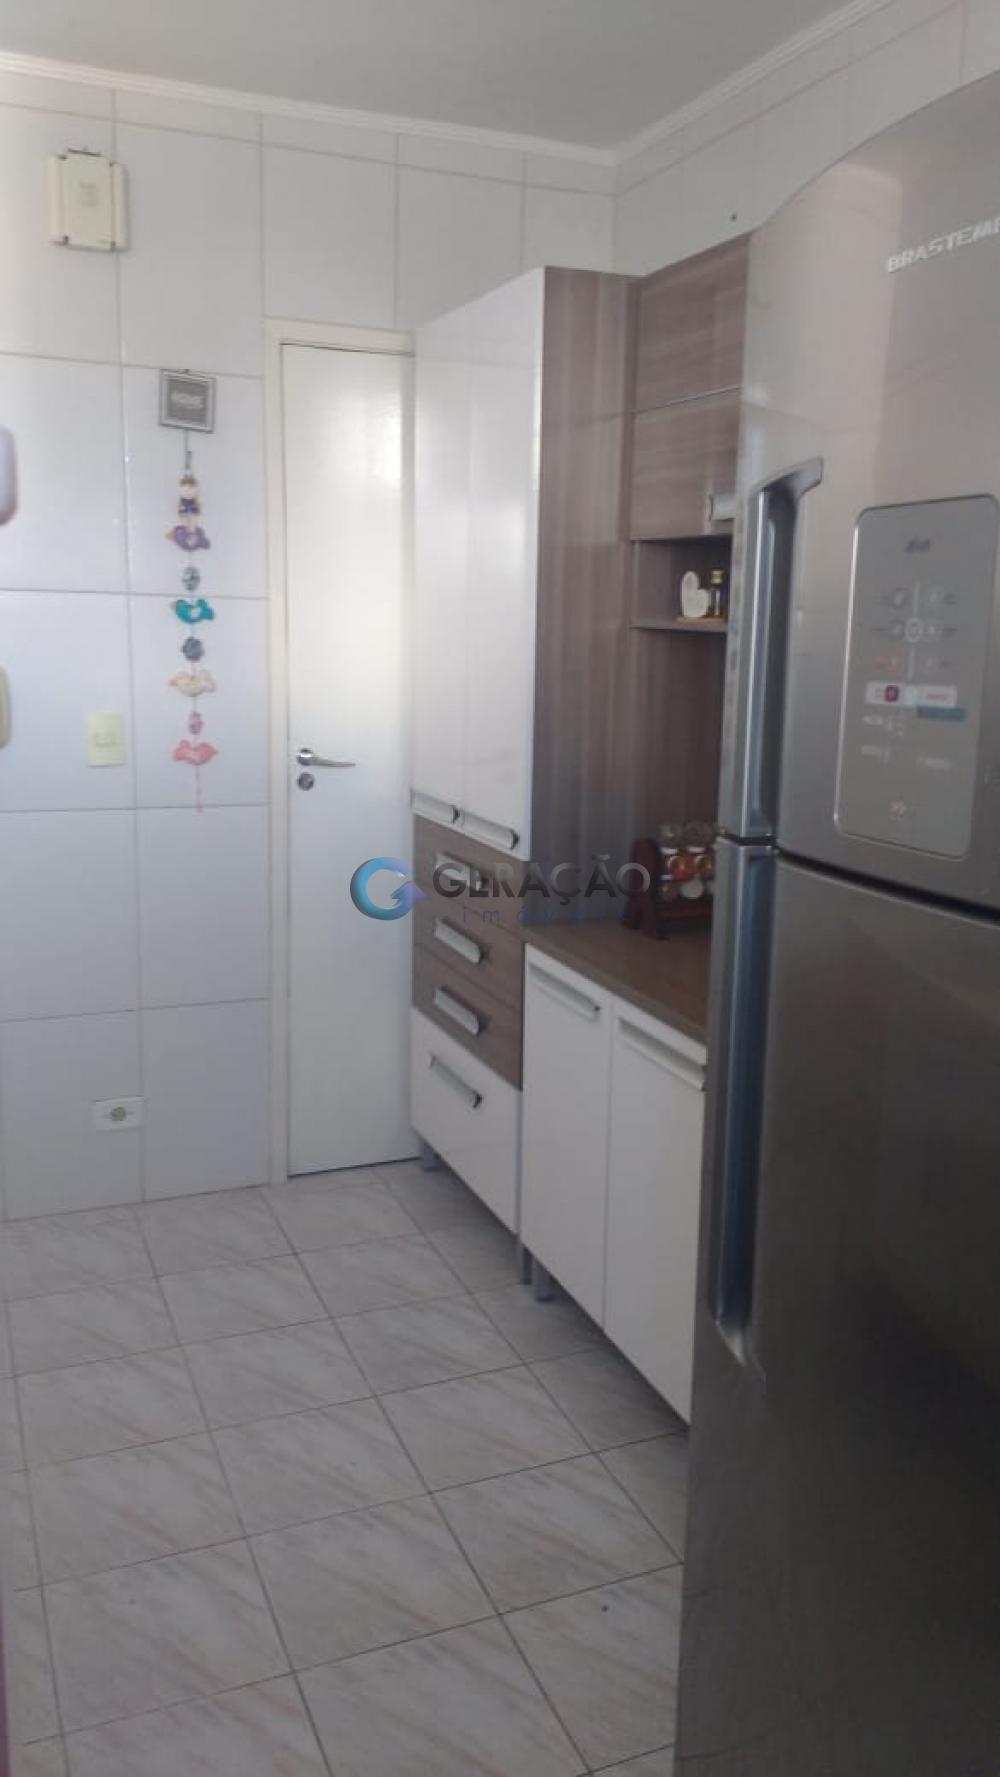 Comprar Apartamento / Padrão em São José dos Campos apenas R$ 220.000,00 - Foto 2